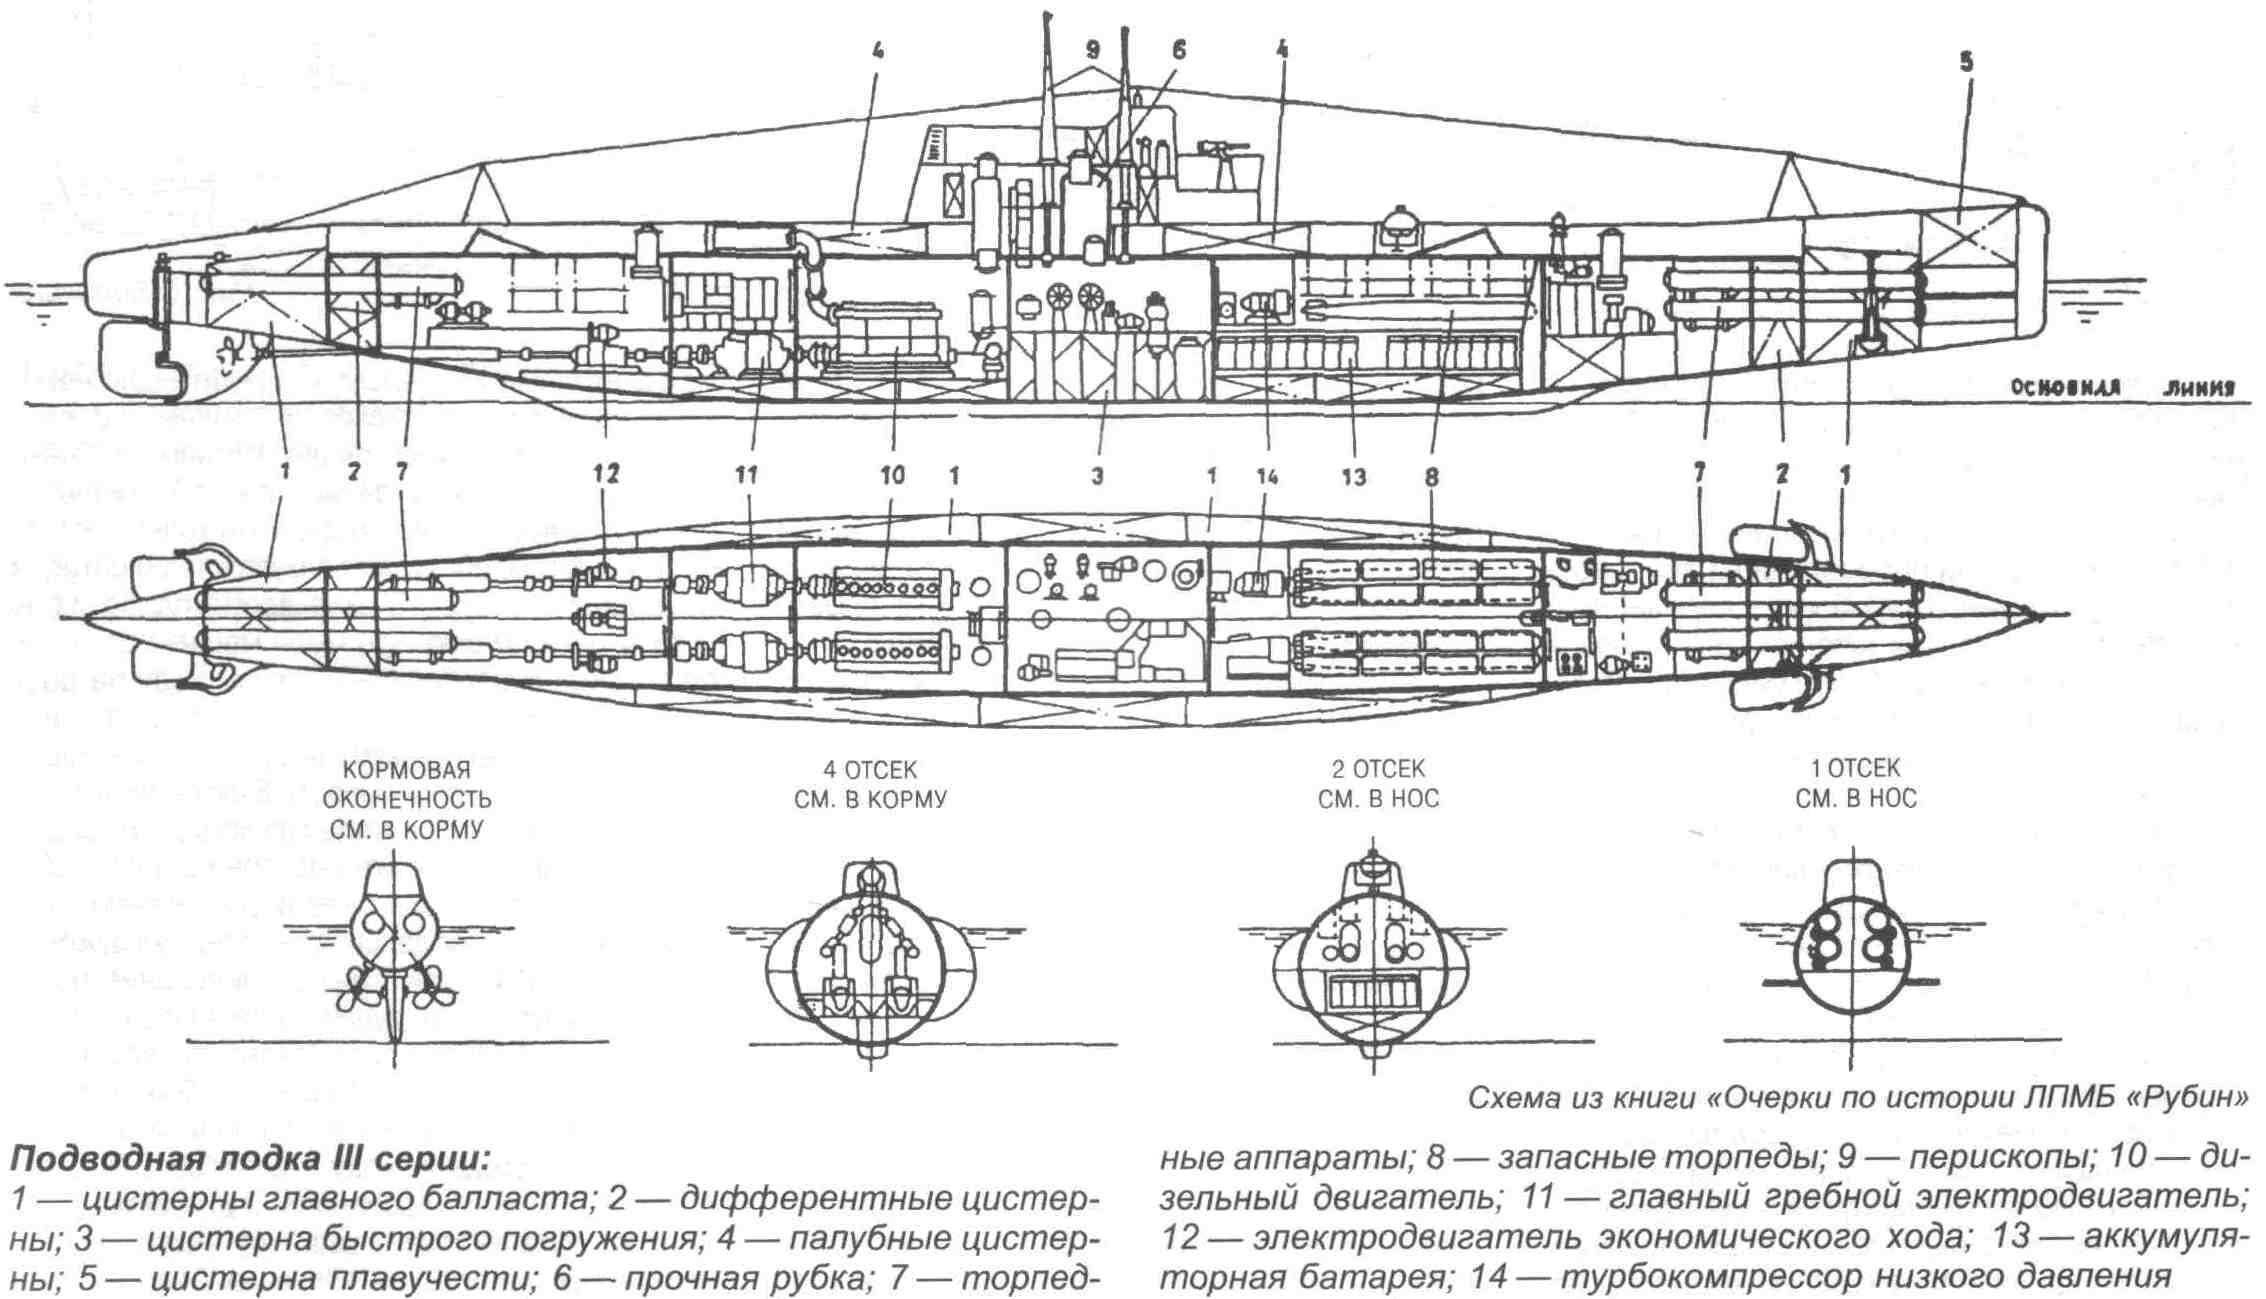 торпедные аппараты подводных лодок описание